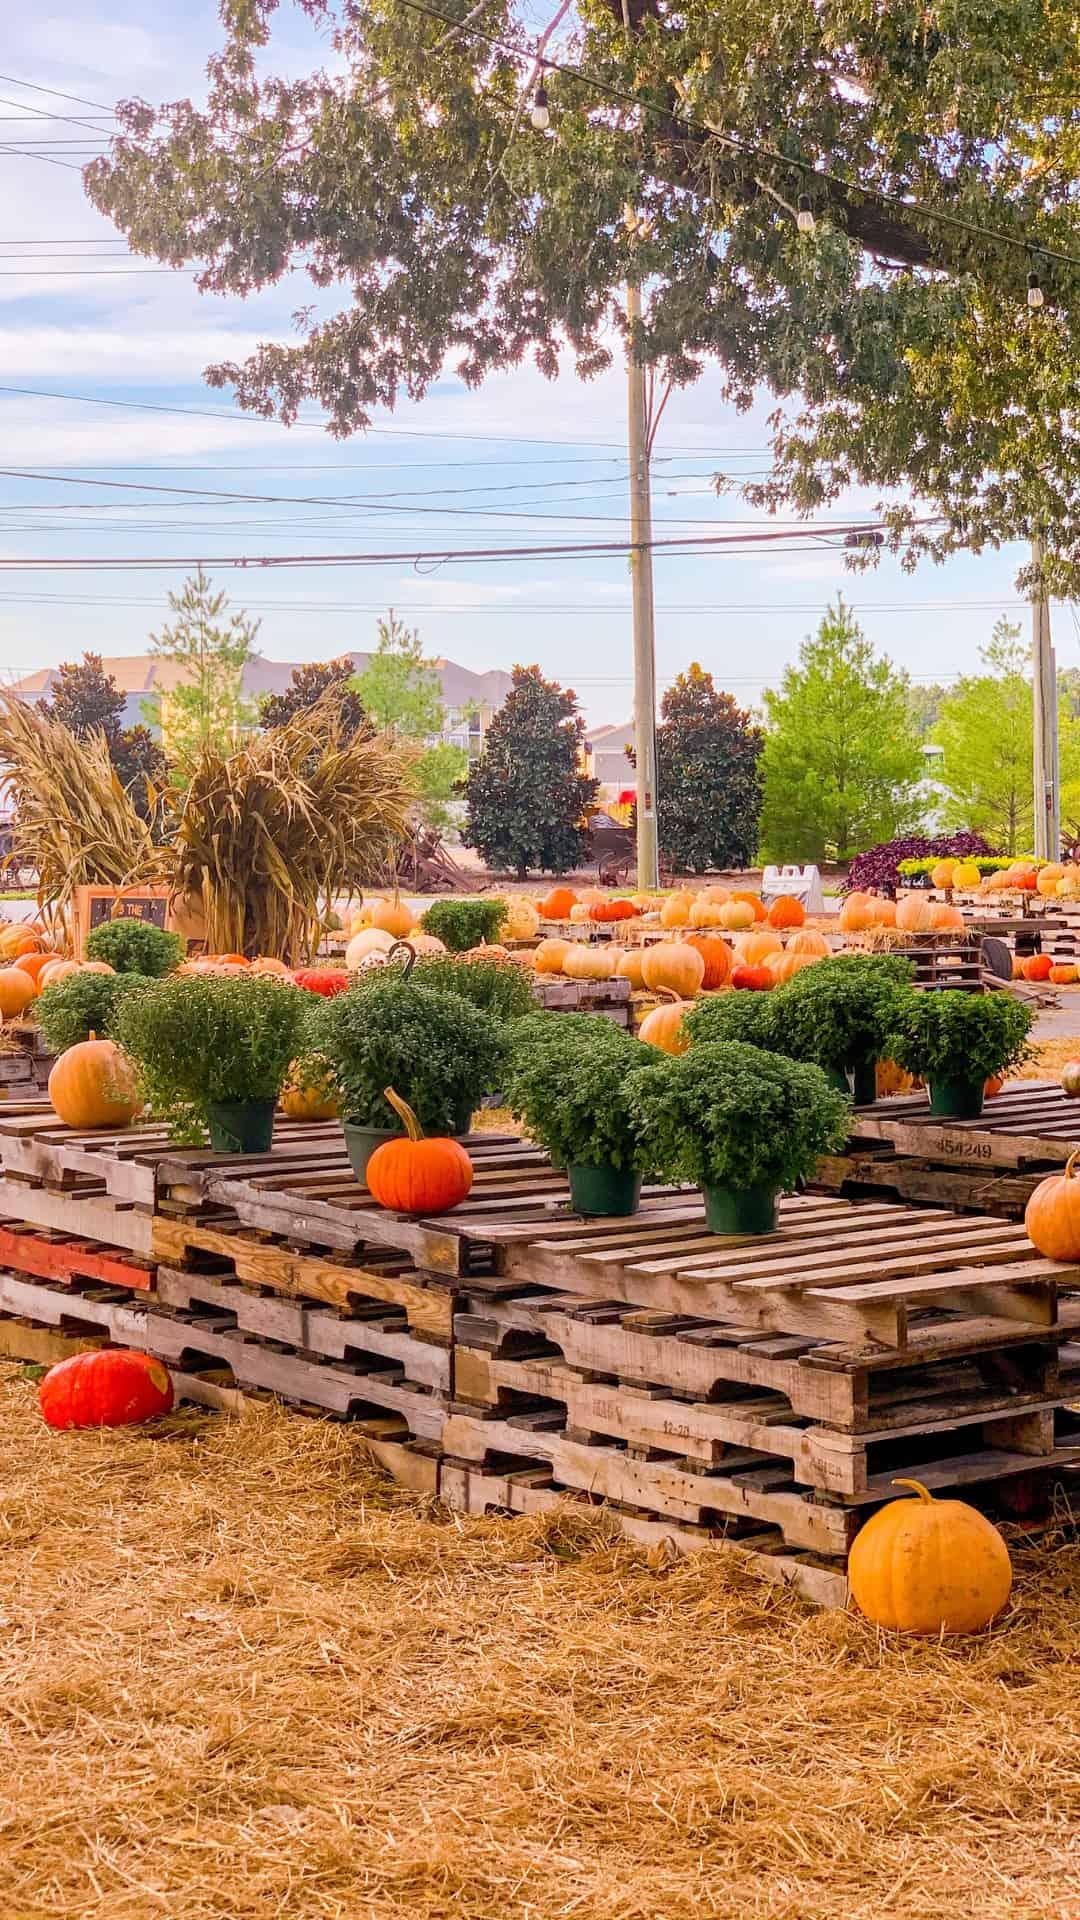 Fall Wallpaper iPhone Pallets Of Pumpkins